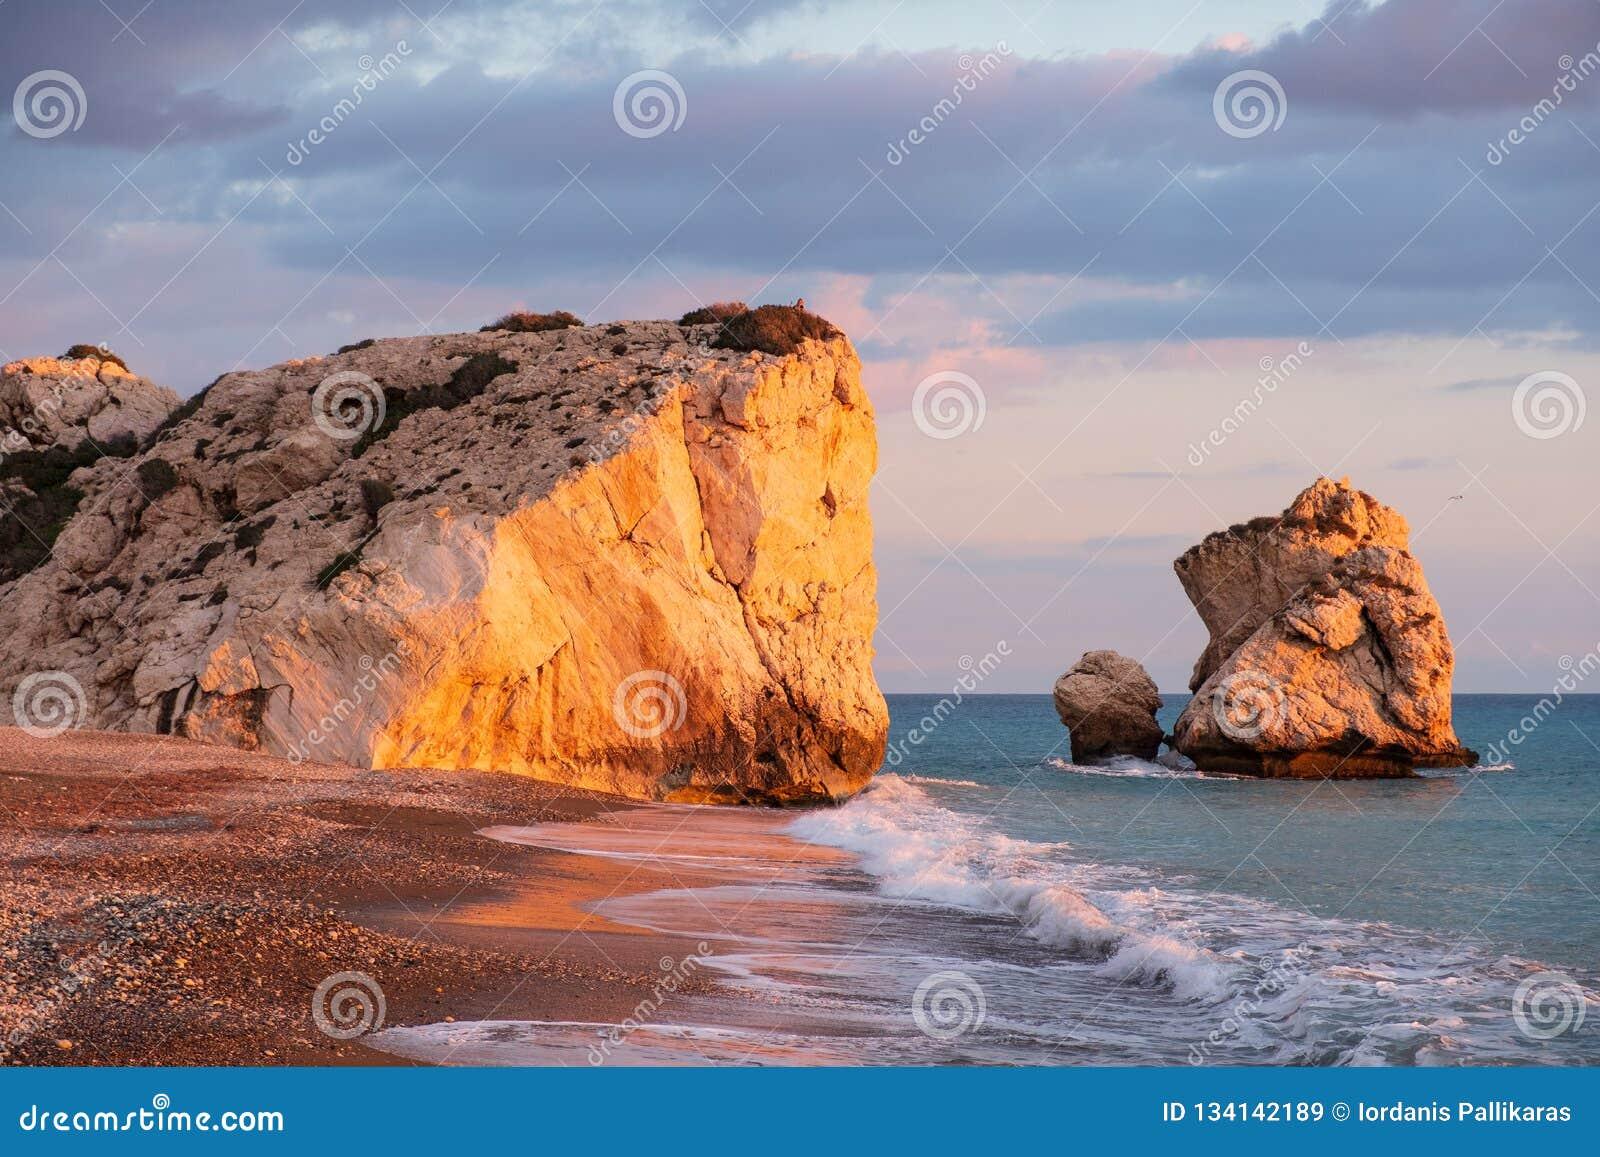 Opinião bonita da tarde da praia em torno do tou Romiou de PETRA, igualmente conhecida como o lugar de nascimento do Afrodite, em